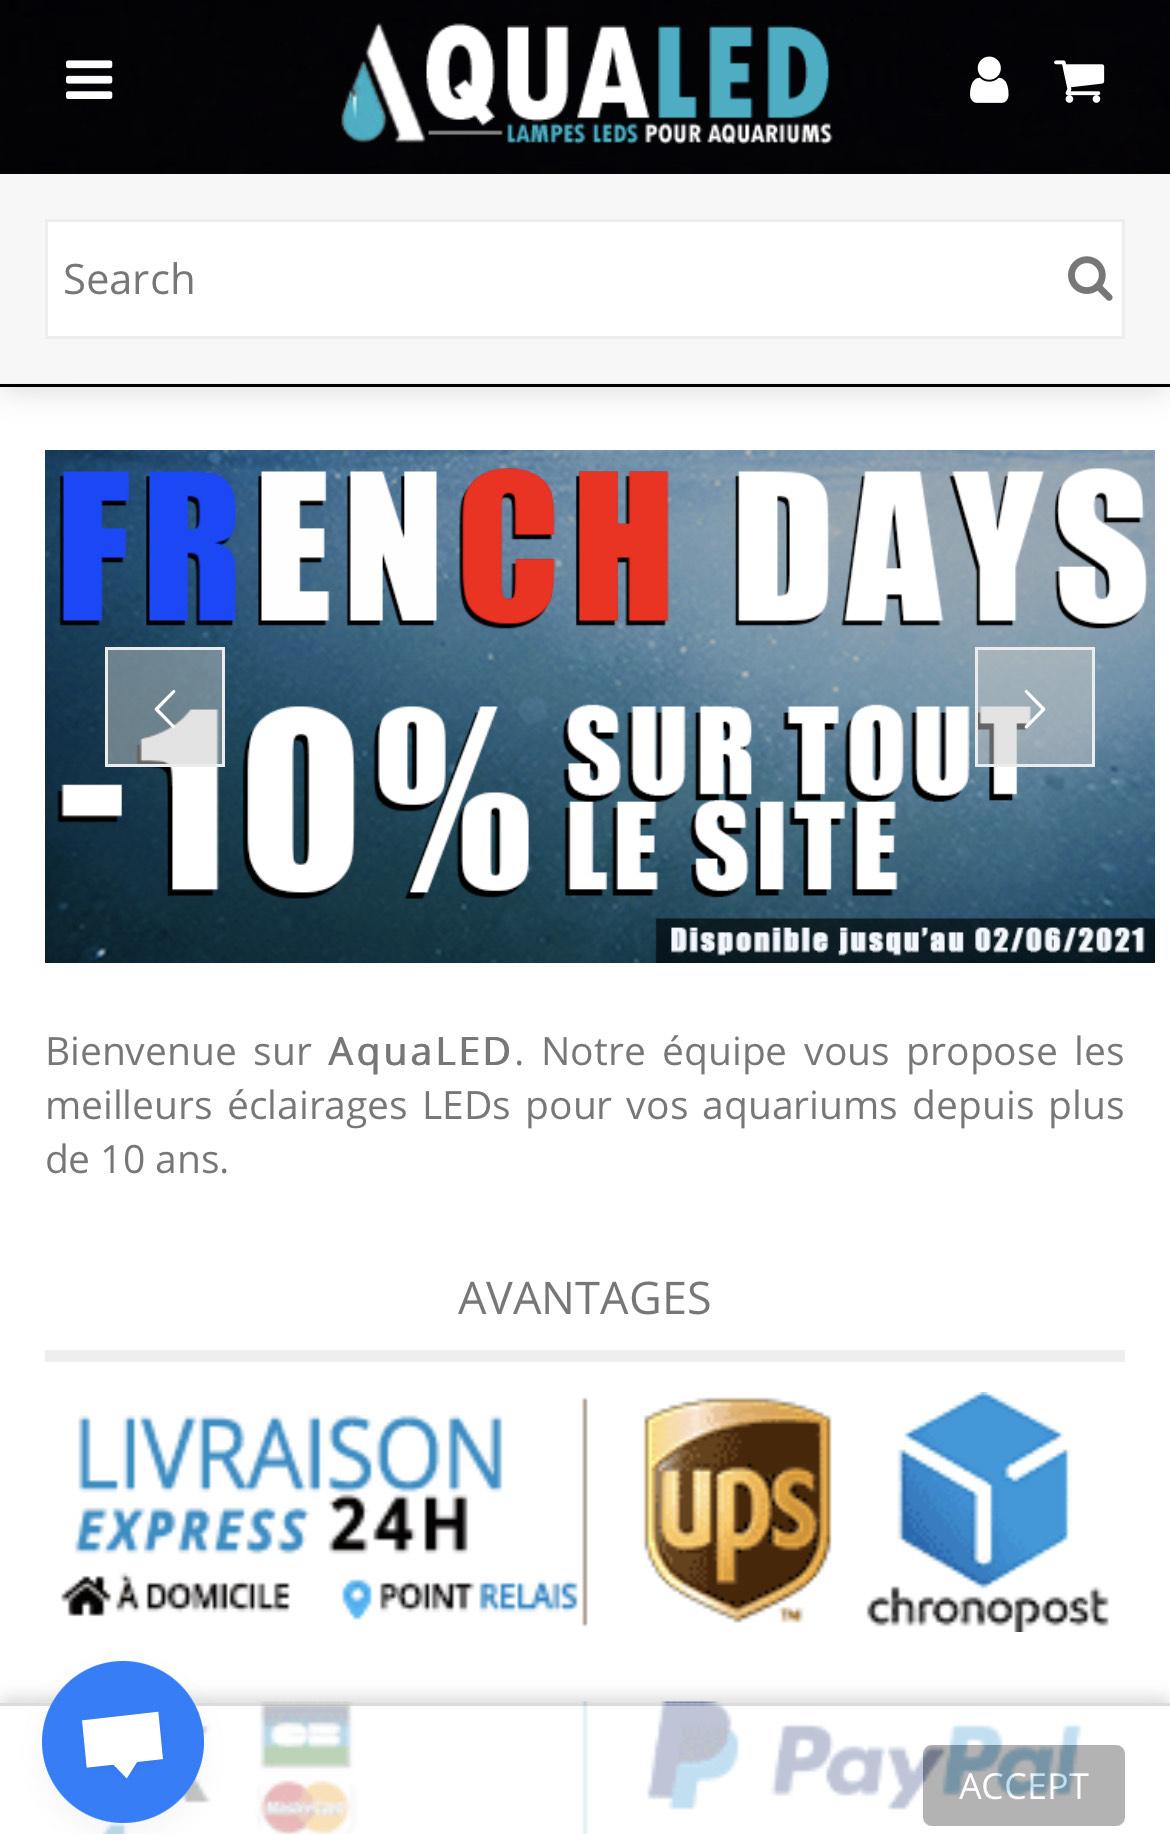 10% de réduction sur tout le site - Aqualed.fr